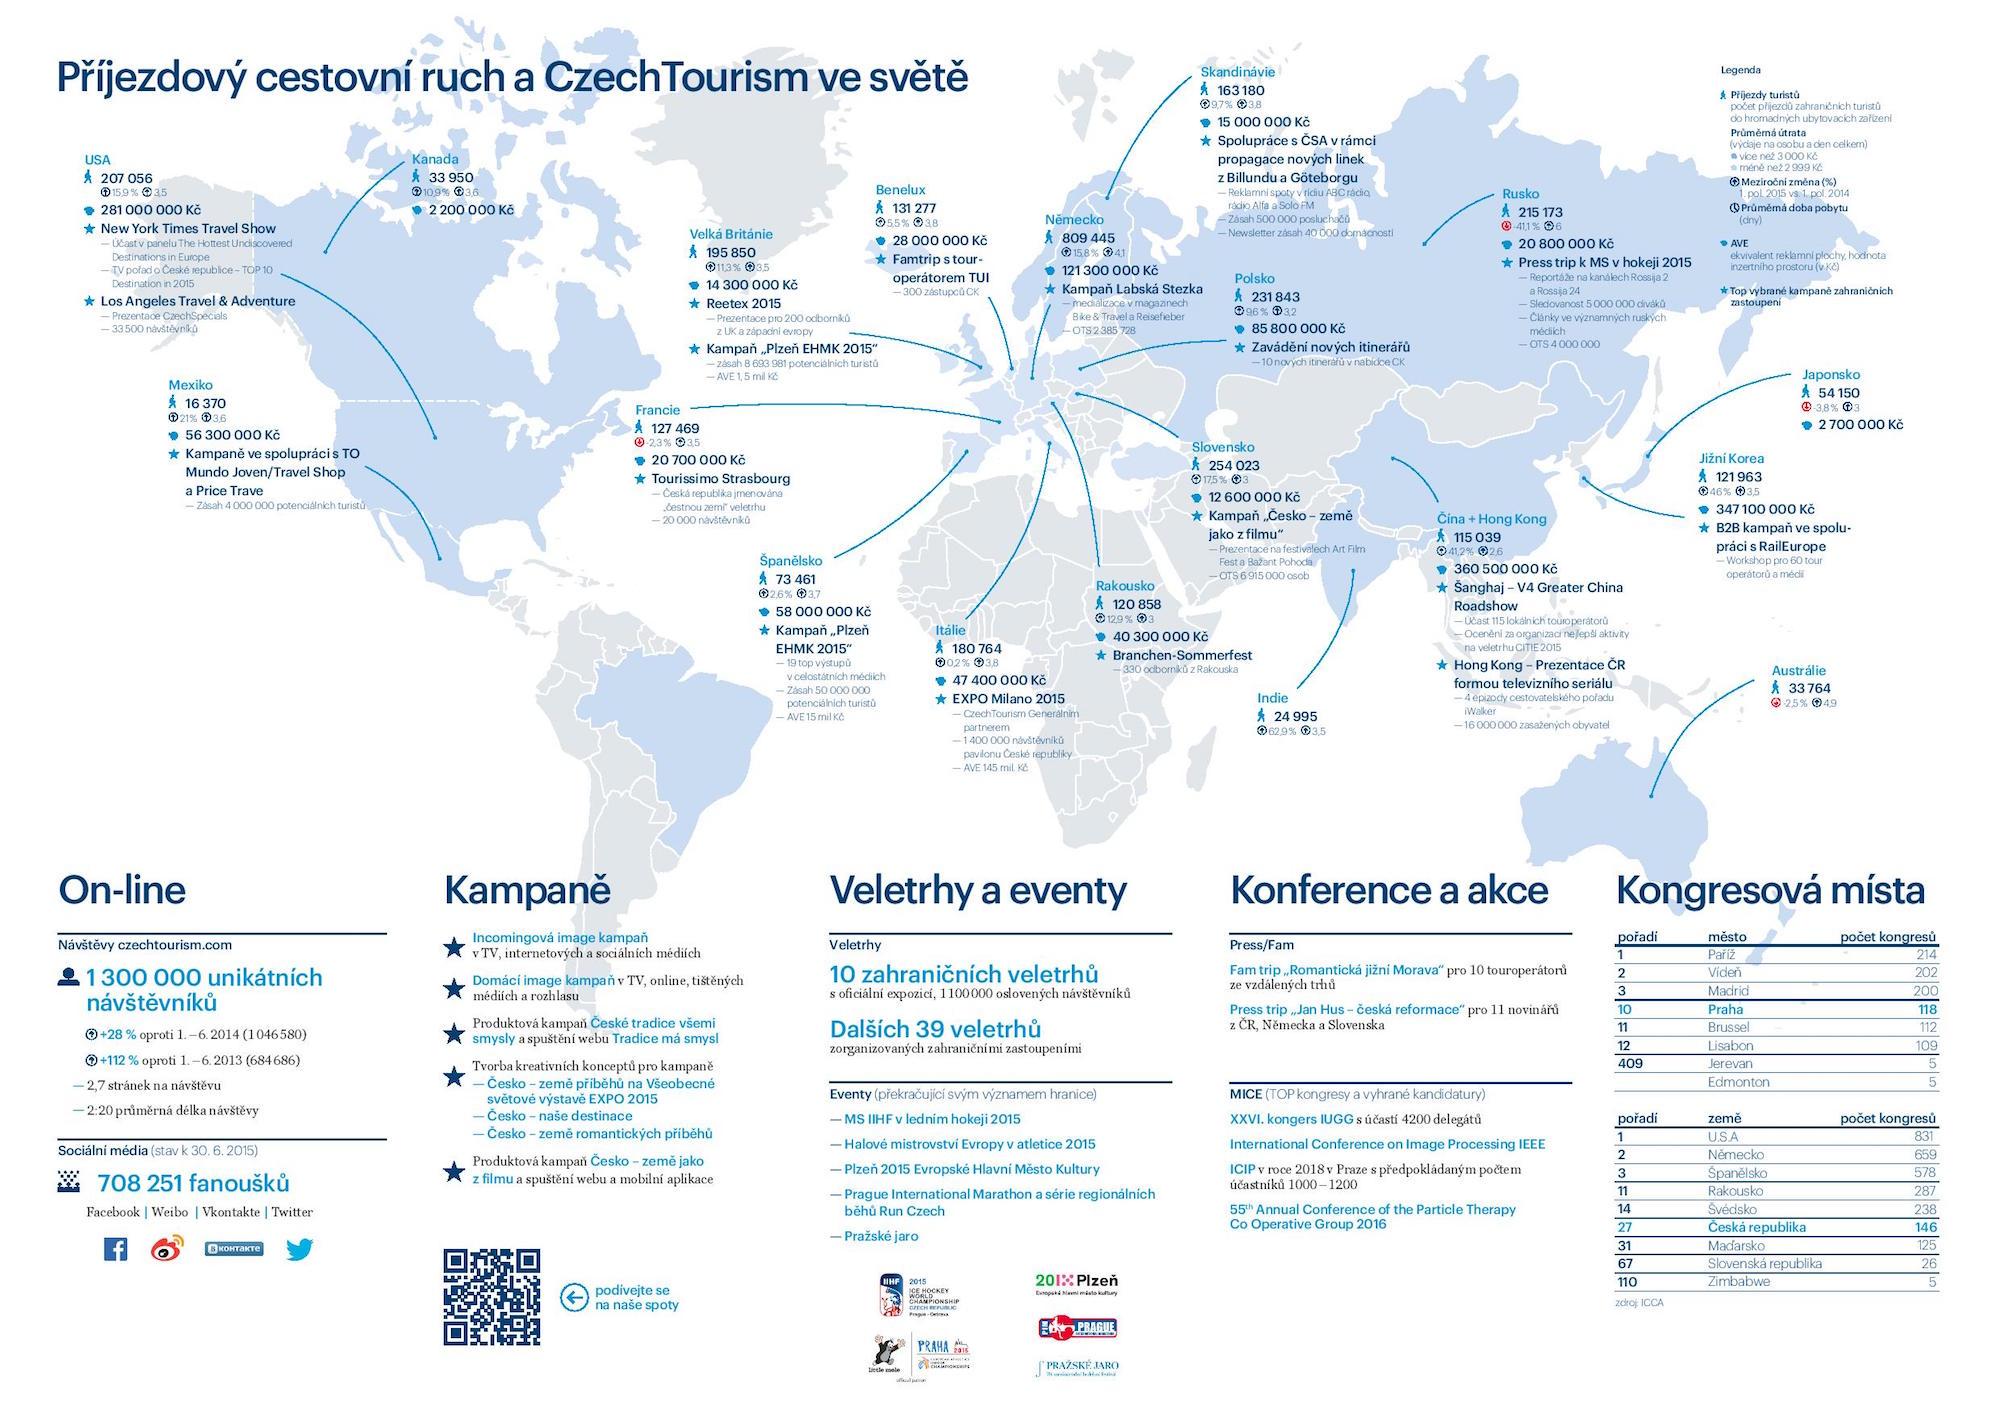 Aktivity CzechTourismu za 1. pololetí 2015: příjezdový cestovní ruch